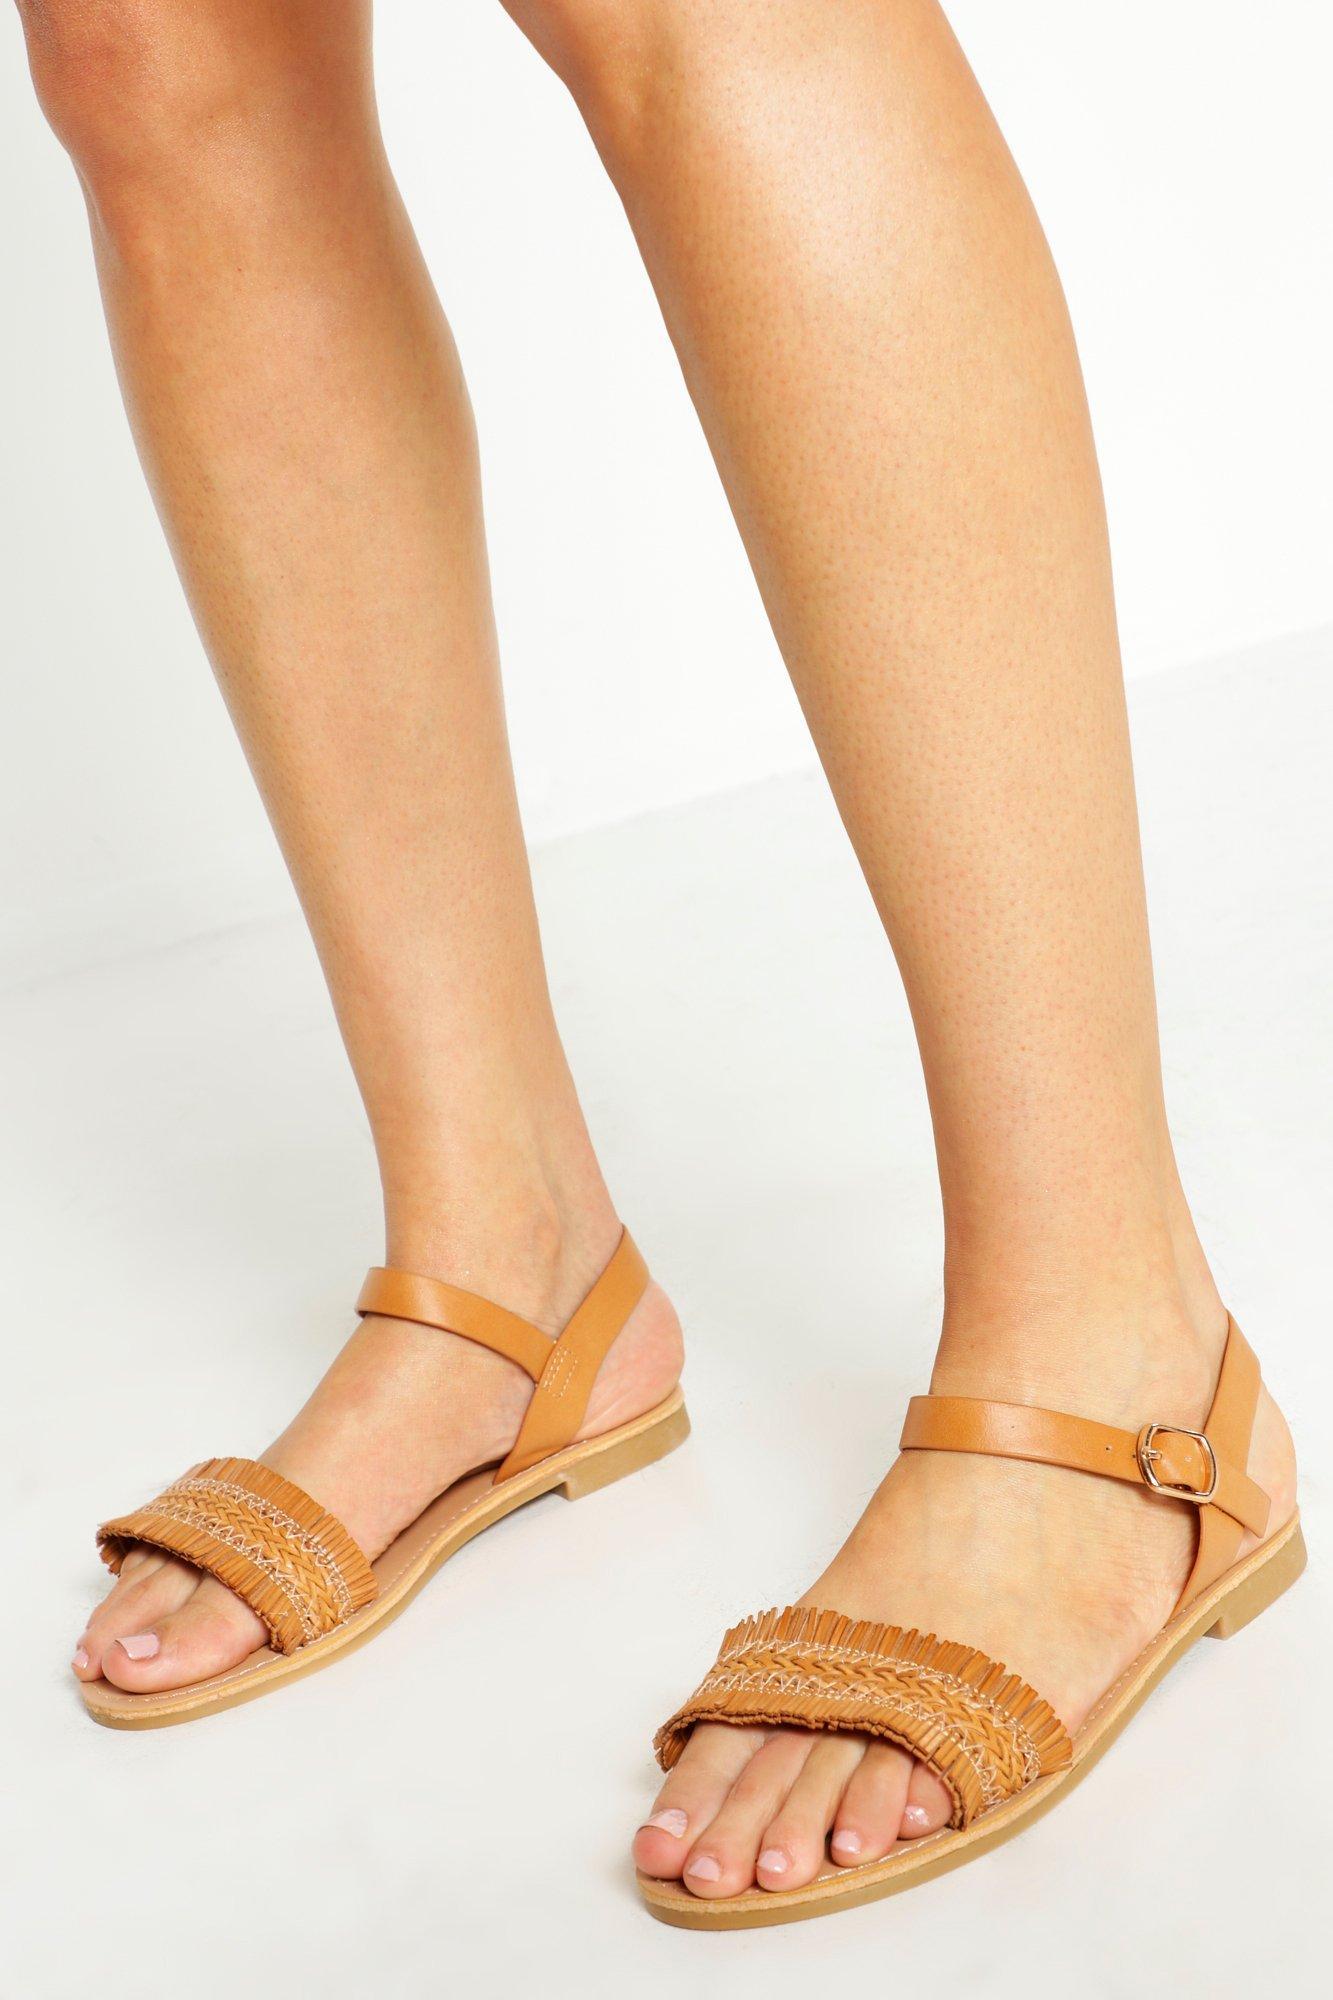 Vintage Sandal History: Retro 1920s to 1970s Sandals Wide Fit Woven Fringe Sandals  AT vintagedancer.com